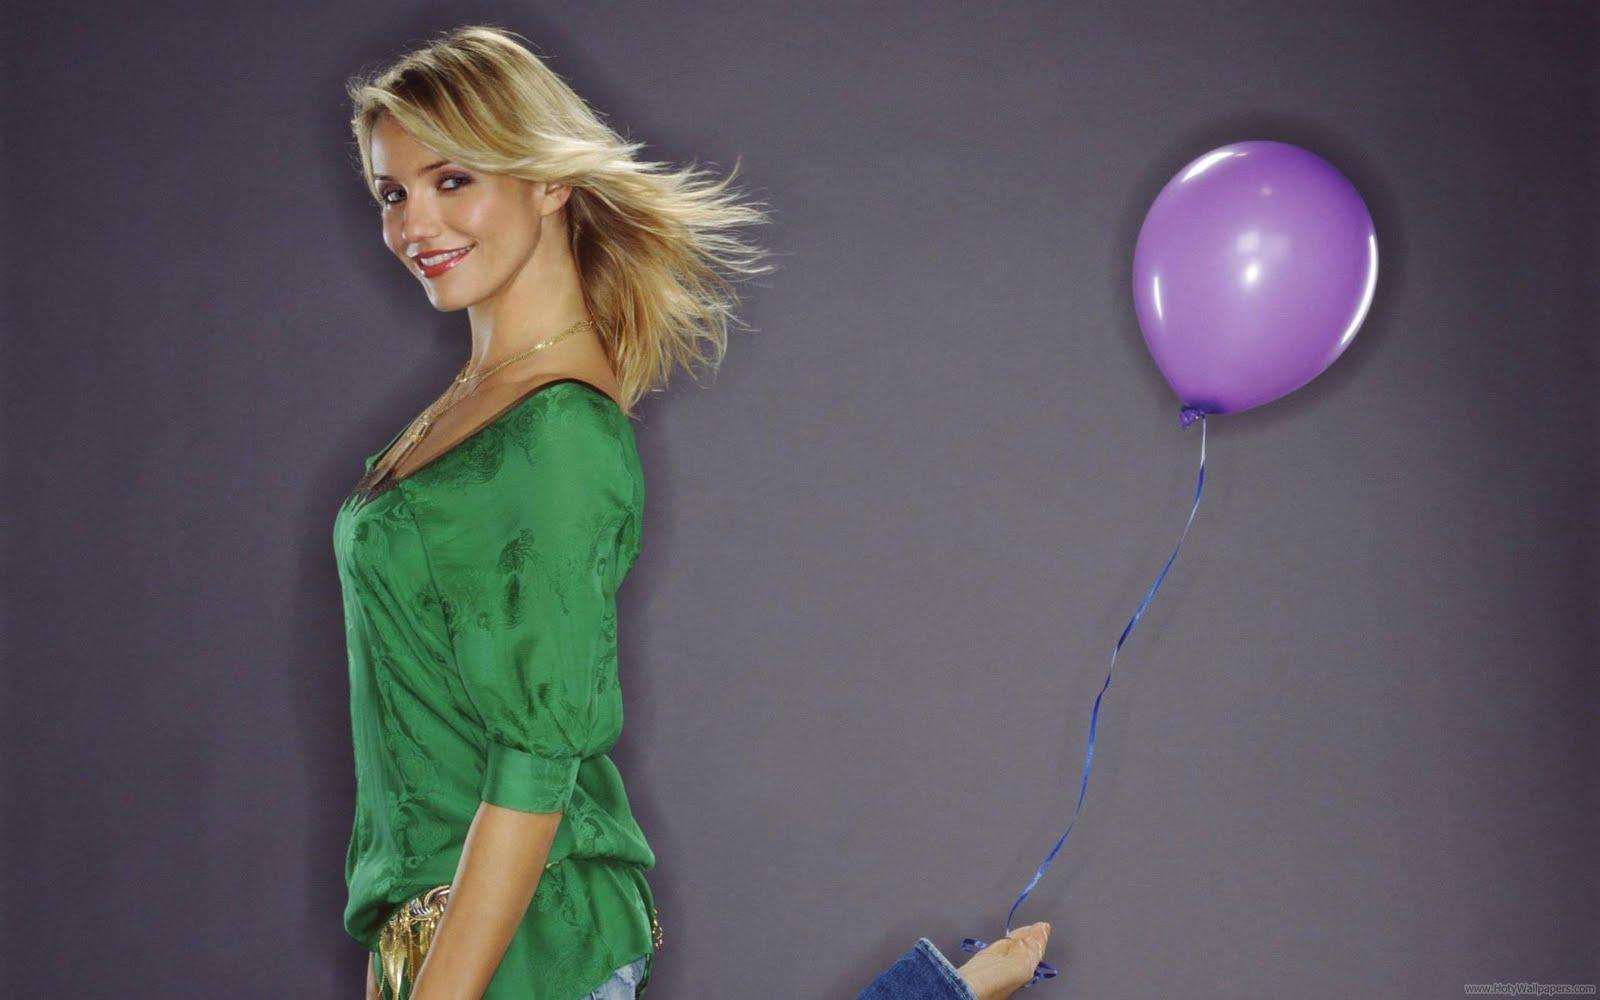 http://1.bp.blogspot.com/-QHohkSoicjY/Tr0siZnkqtI/AAAAAAAAAjM/i3ADDQgxu24/s1600/cameron_diaz_actress-wallpaper.jpg